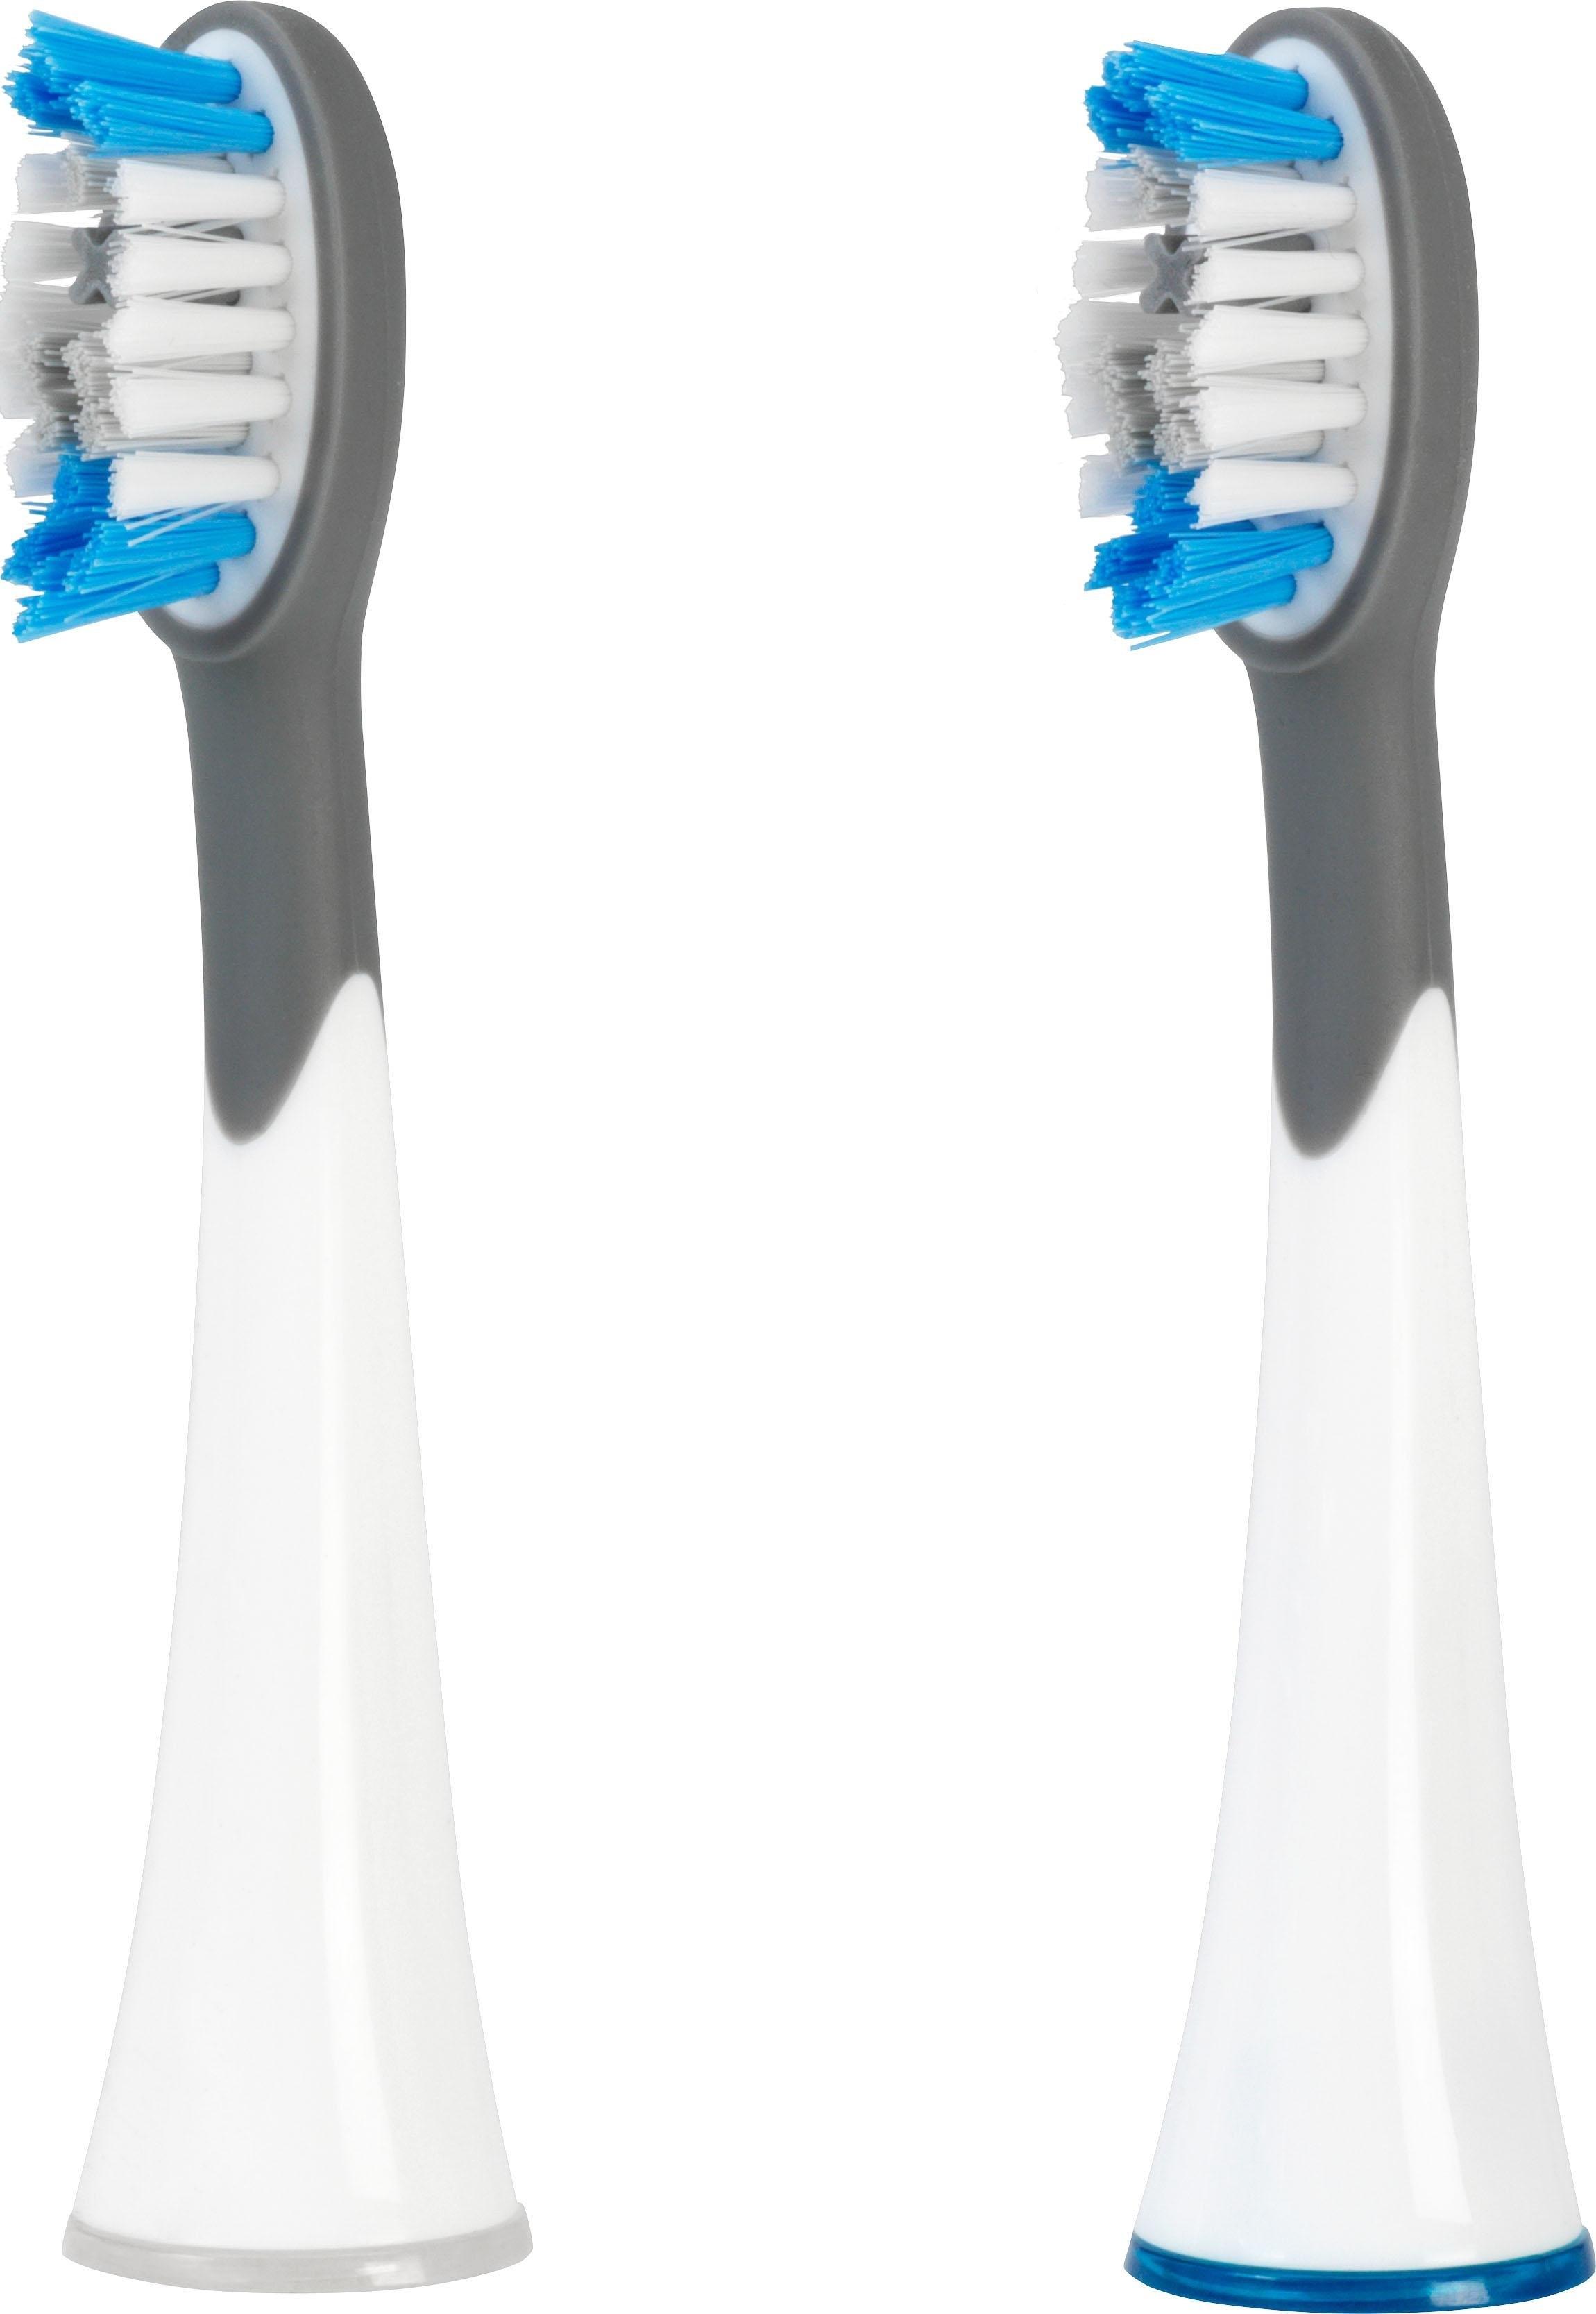 Op zoek naar een Silk'n opzetborsteltje voor tandenborstel Silk'n SonicSmile? Koop online bij OTTO